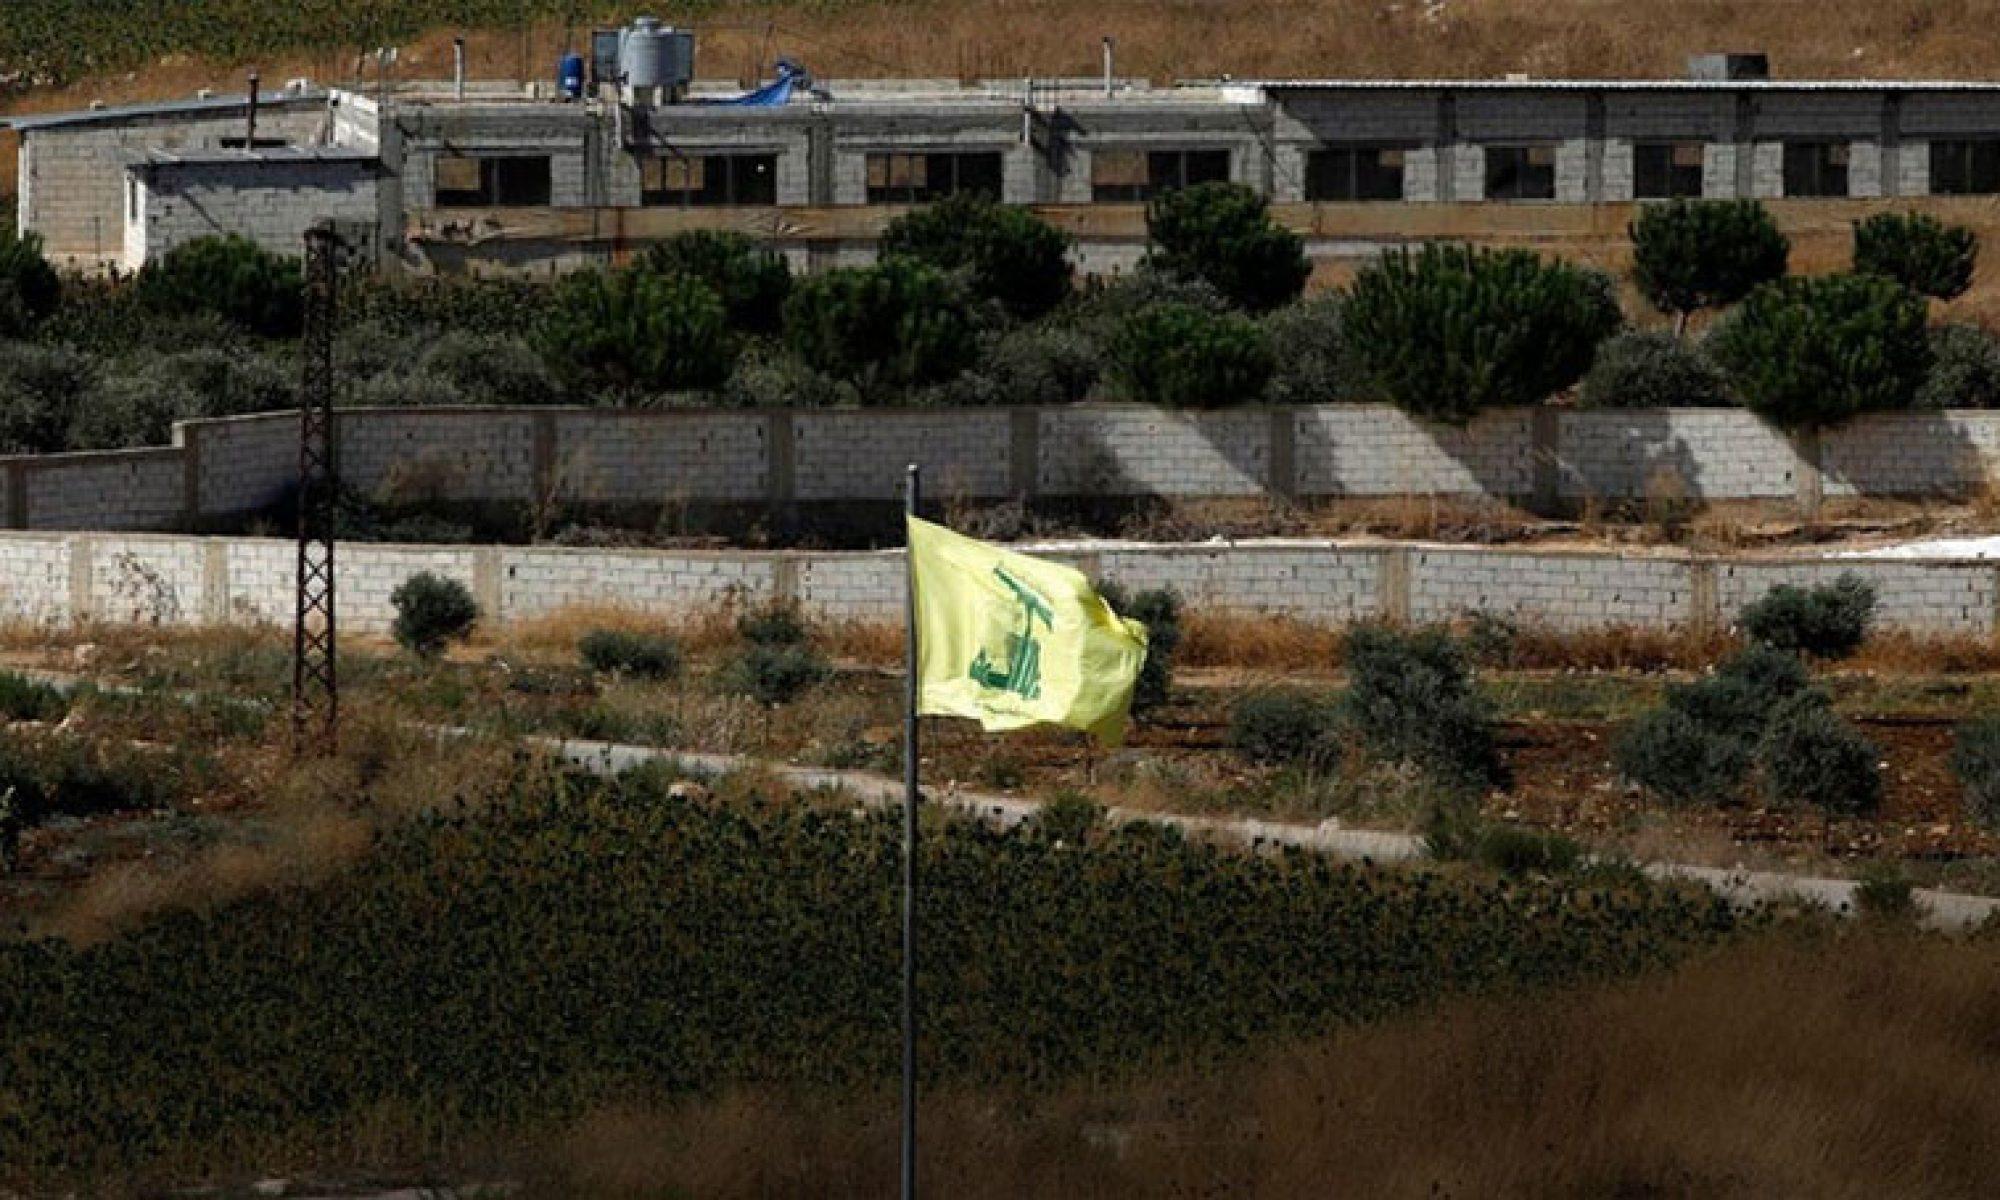 ئیسرائیل هشیاریێ ددەتە ئیران و حیزبوڵاھێ: ئەم د کەمینێ داینە